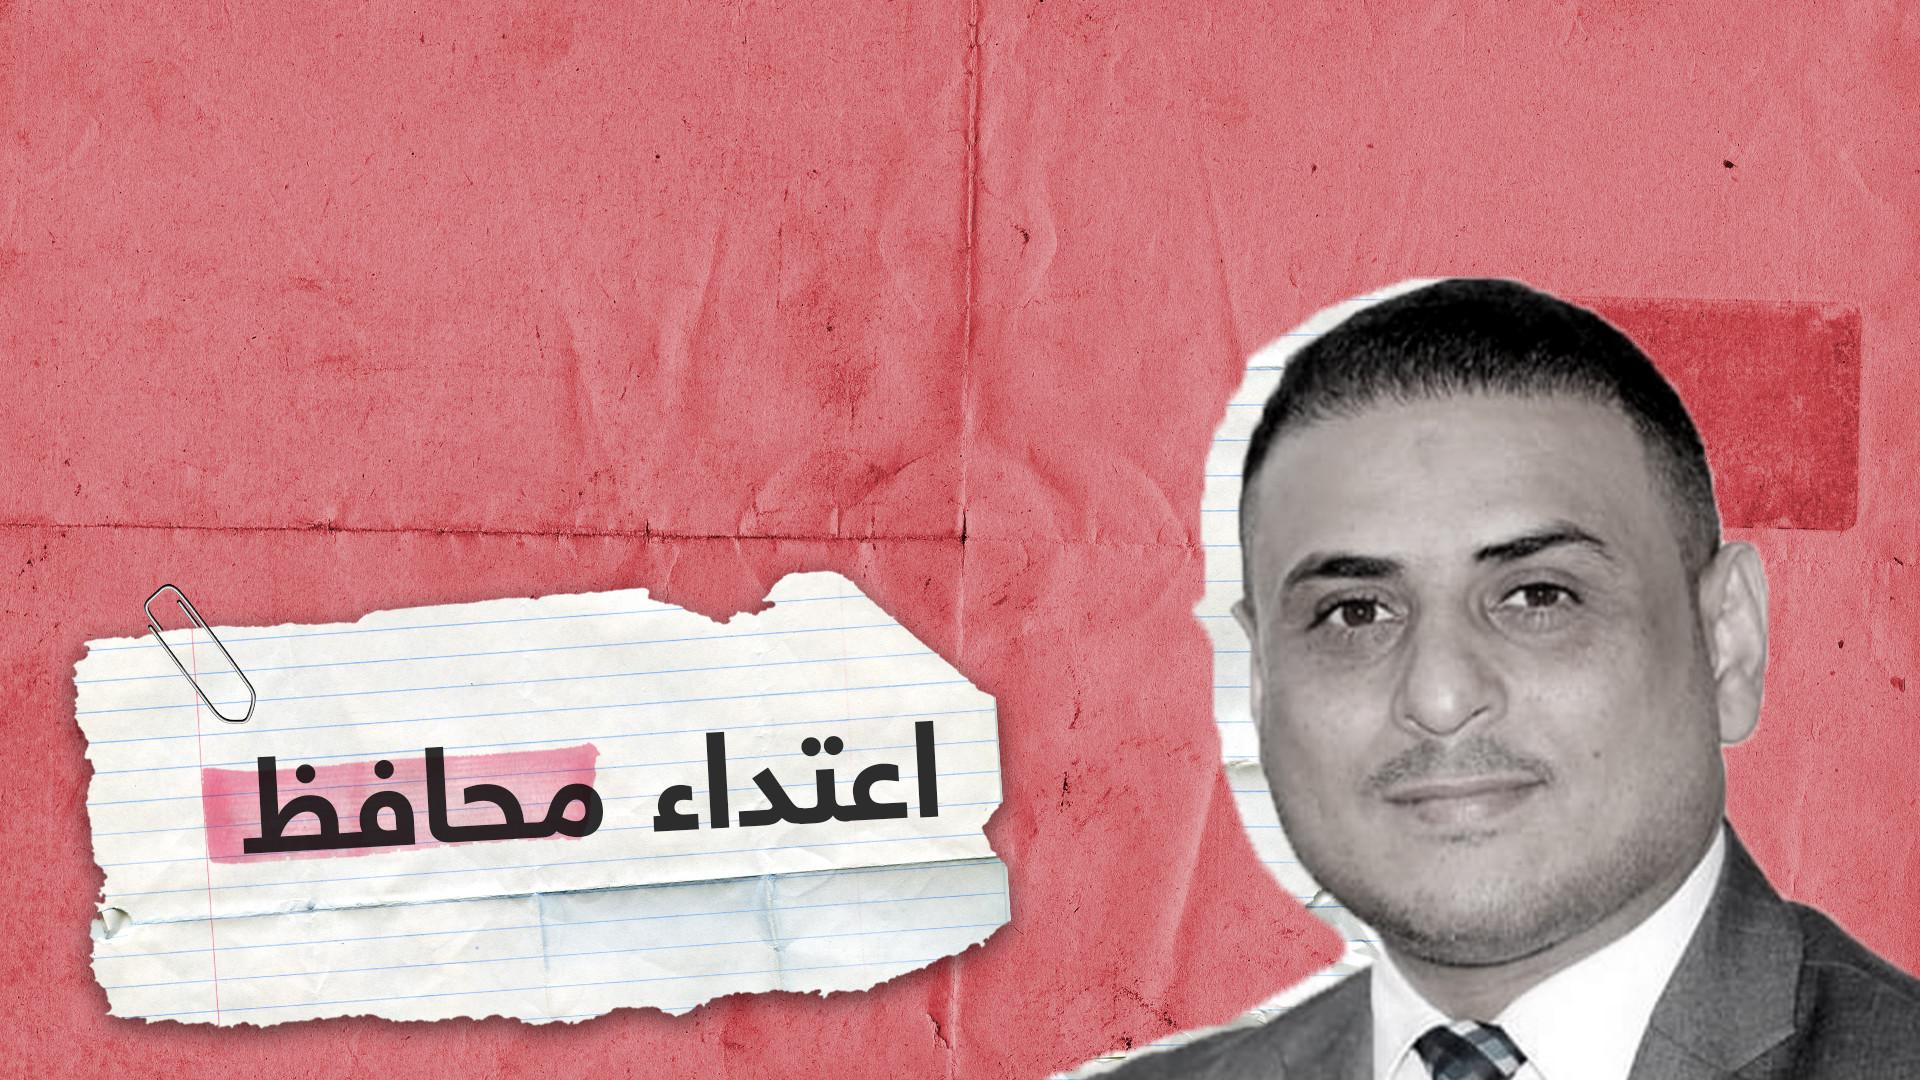 لماذا اعتدى محافظ واسط العراقية على ضابط شرطة بالشارع؟